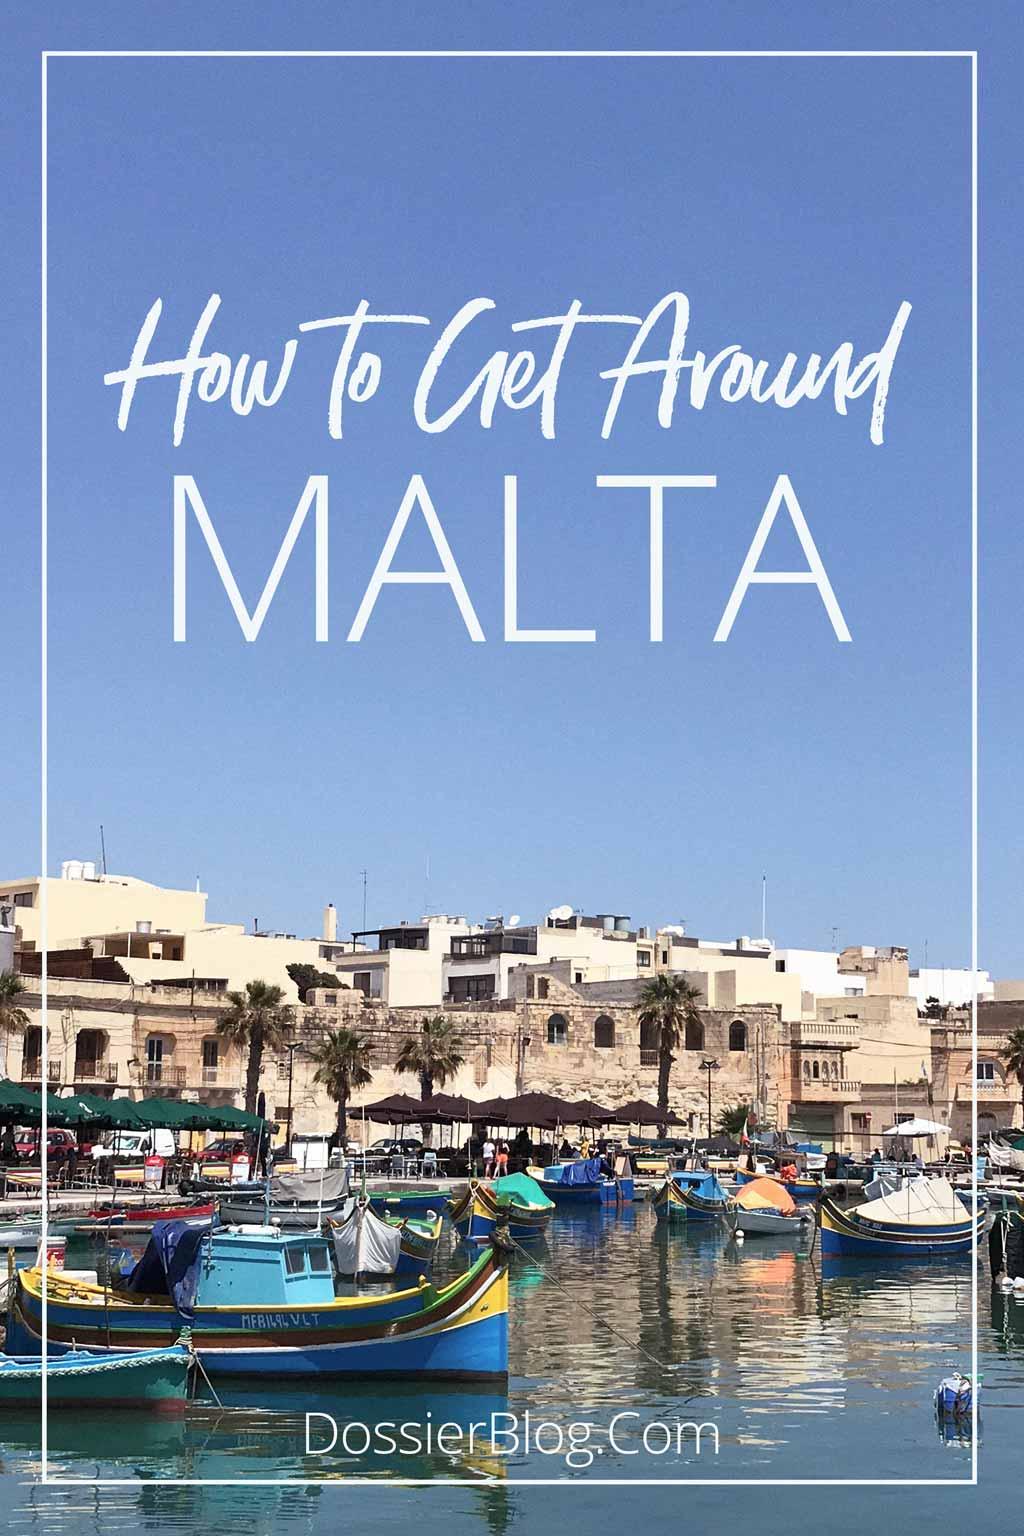 How to get around Malta | Dossier Blog